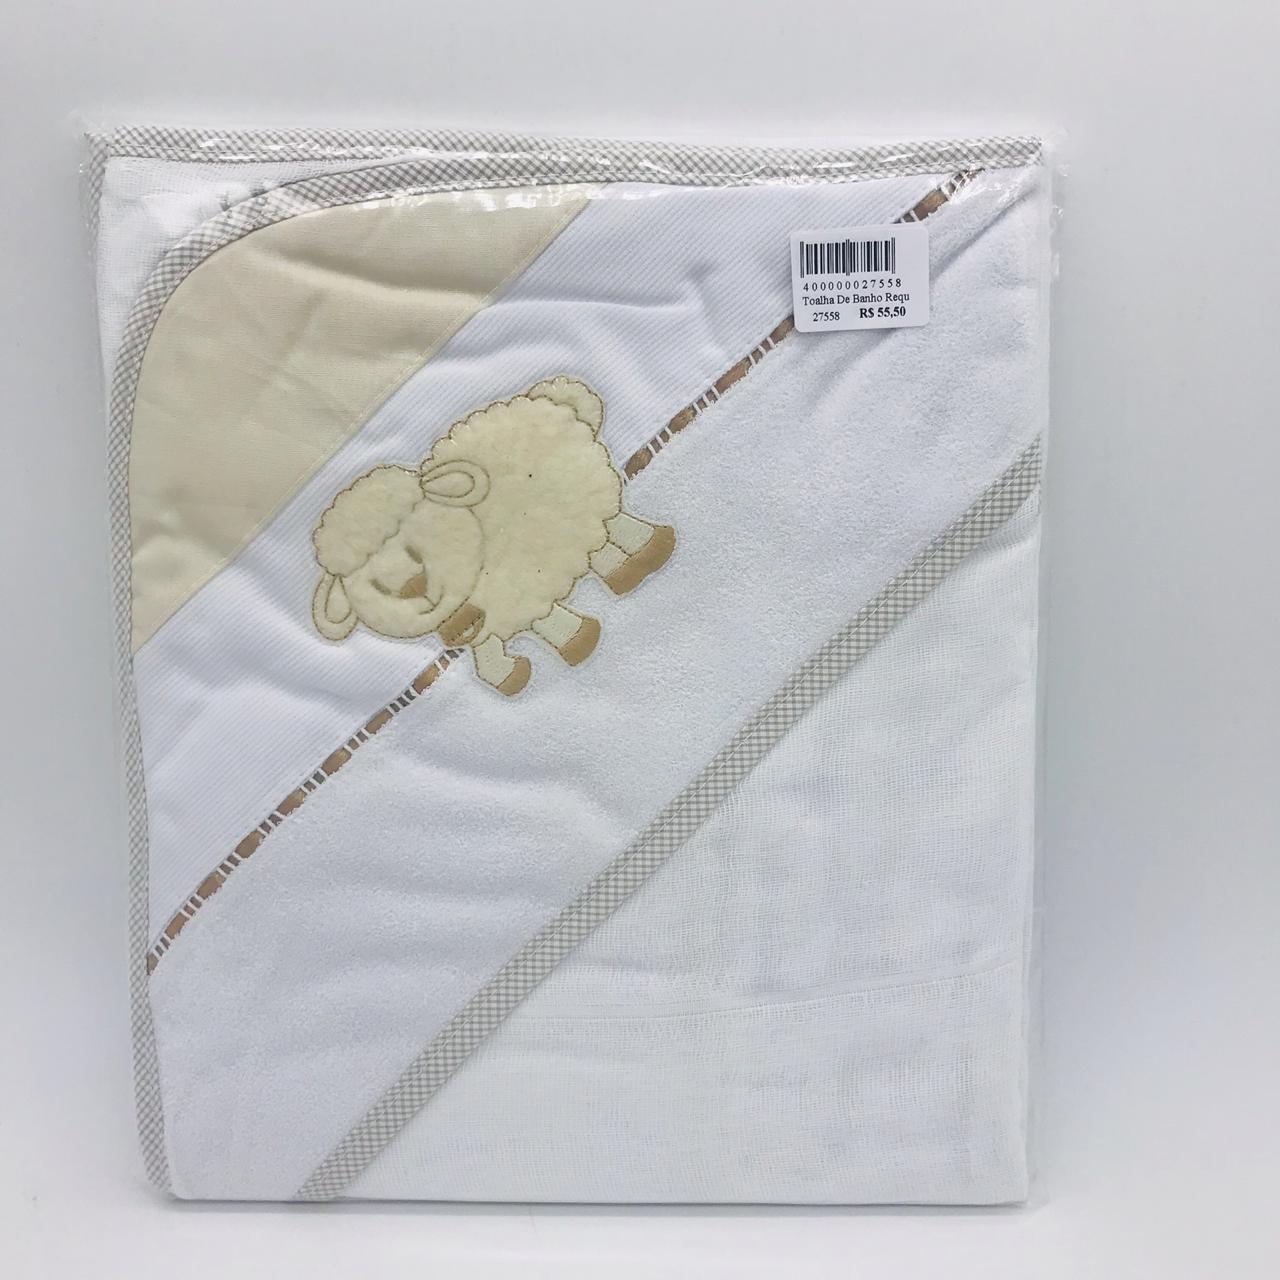 Toalha de Banho Requinte Ovelha Bege - Catavento Ref 502